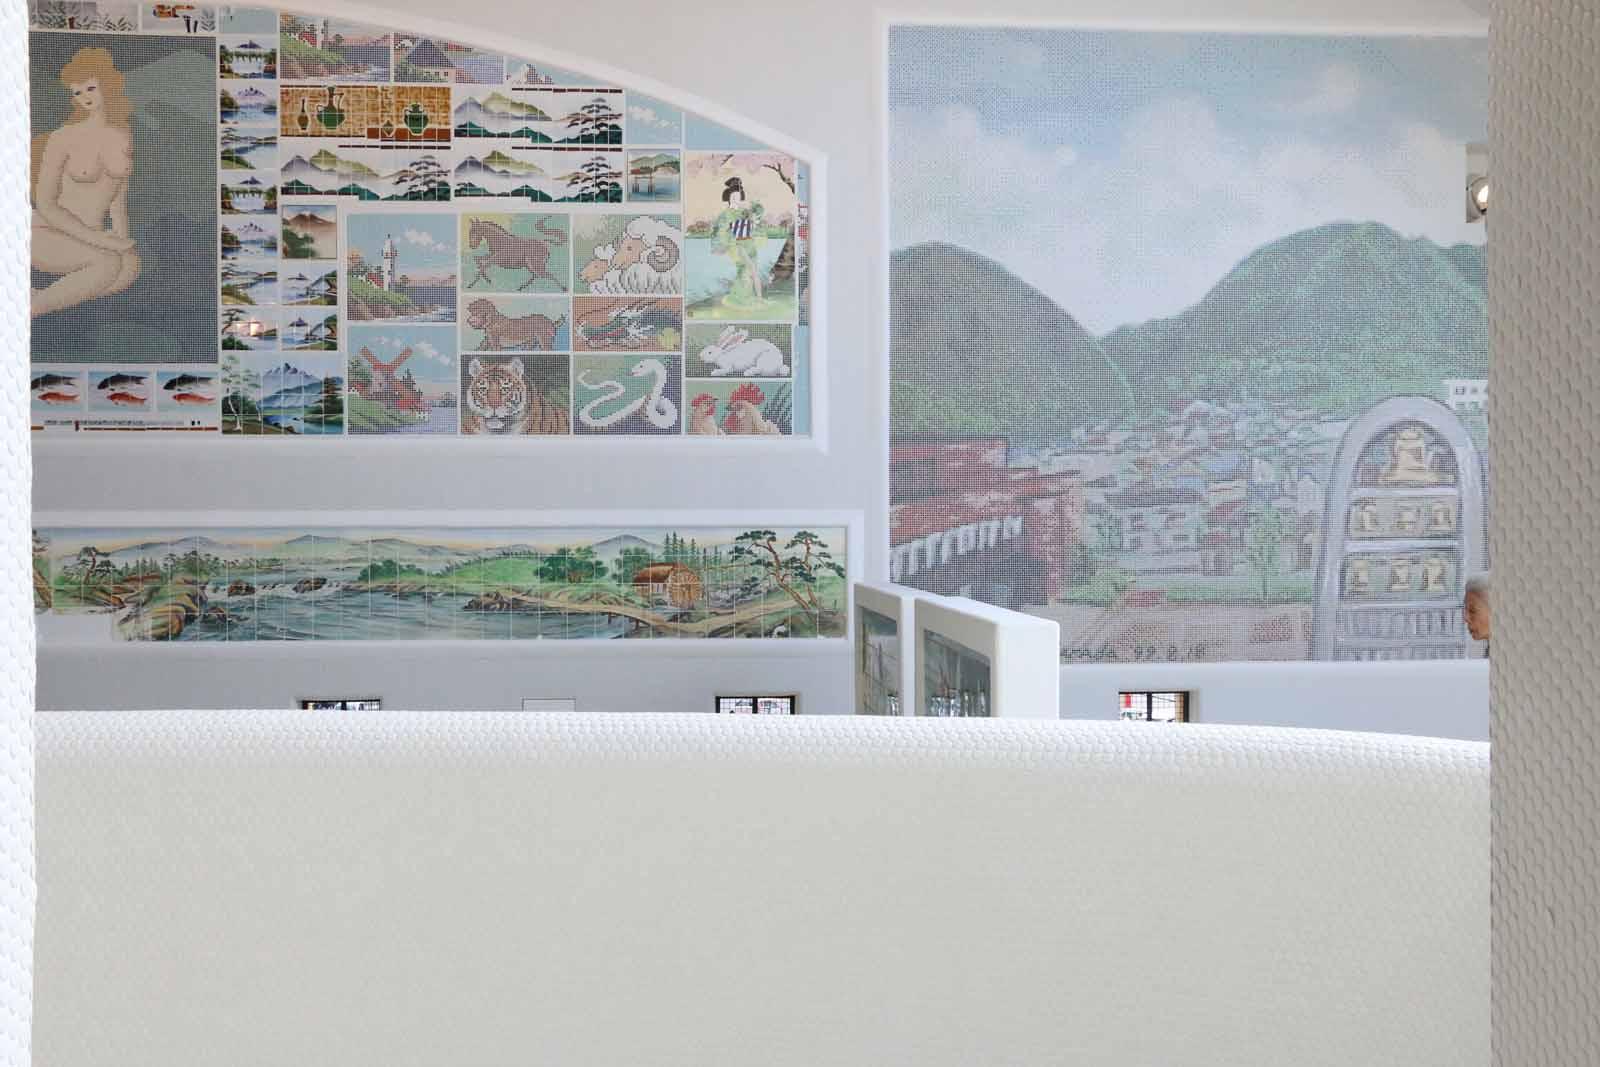 多治見市にある「モザイクミュージアム」のモザイクタイルアート